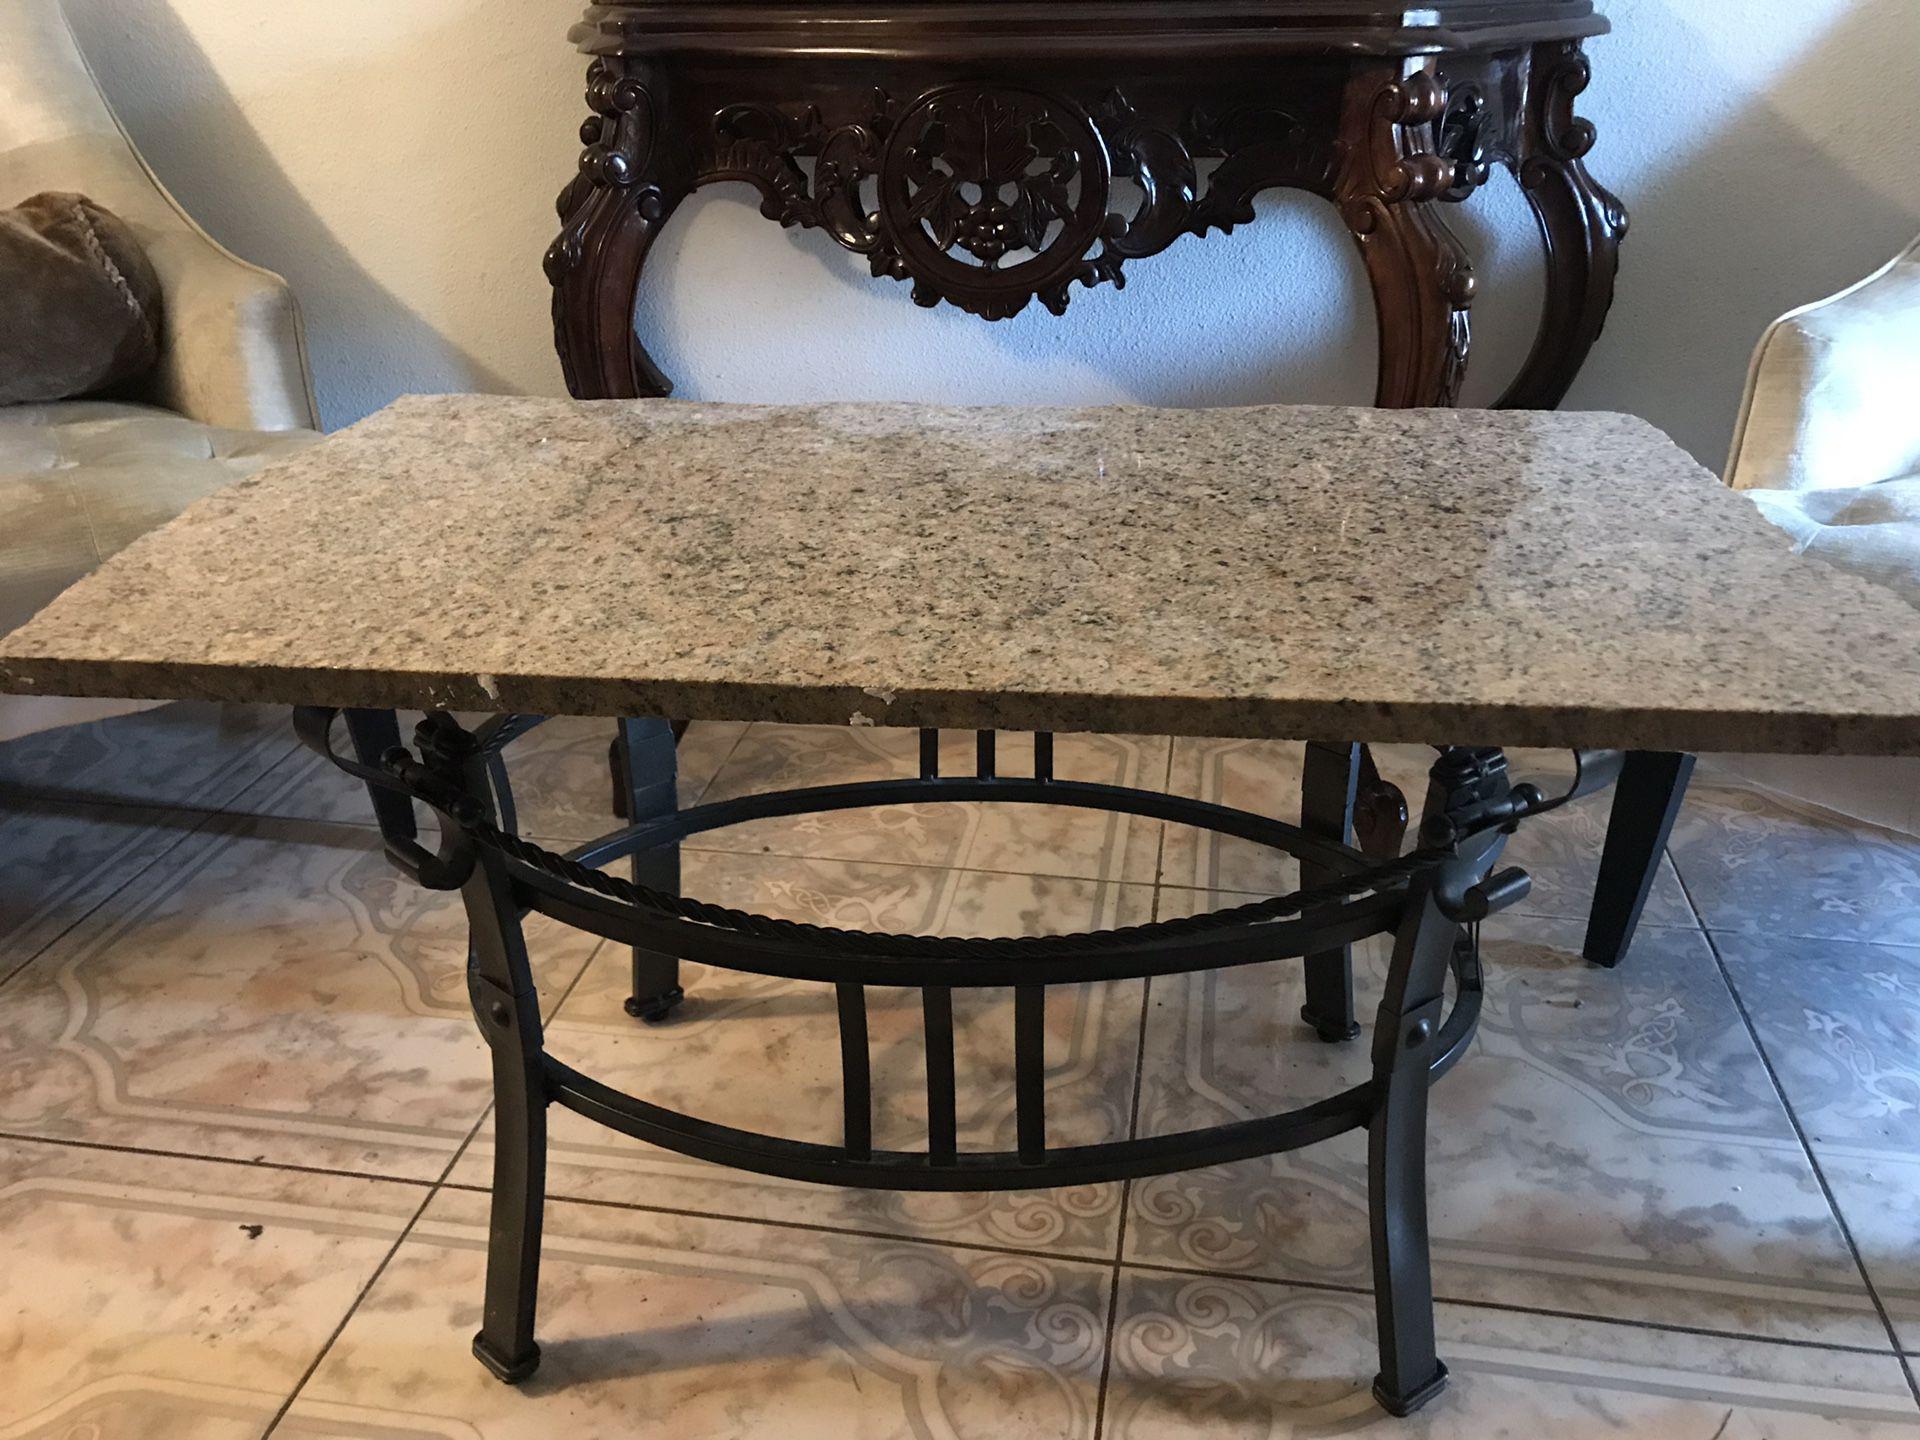 Table very heavy.